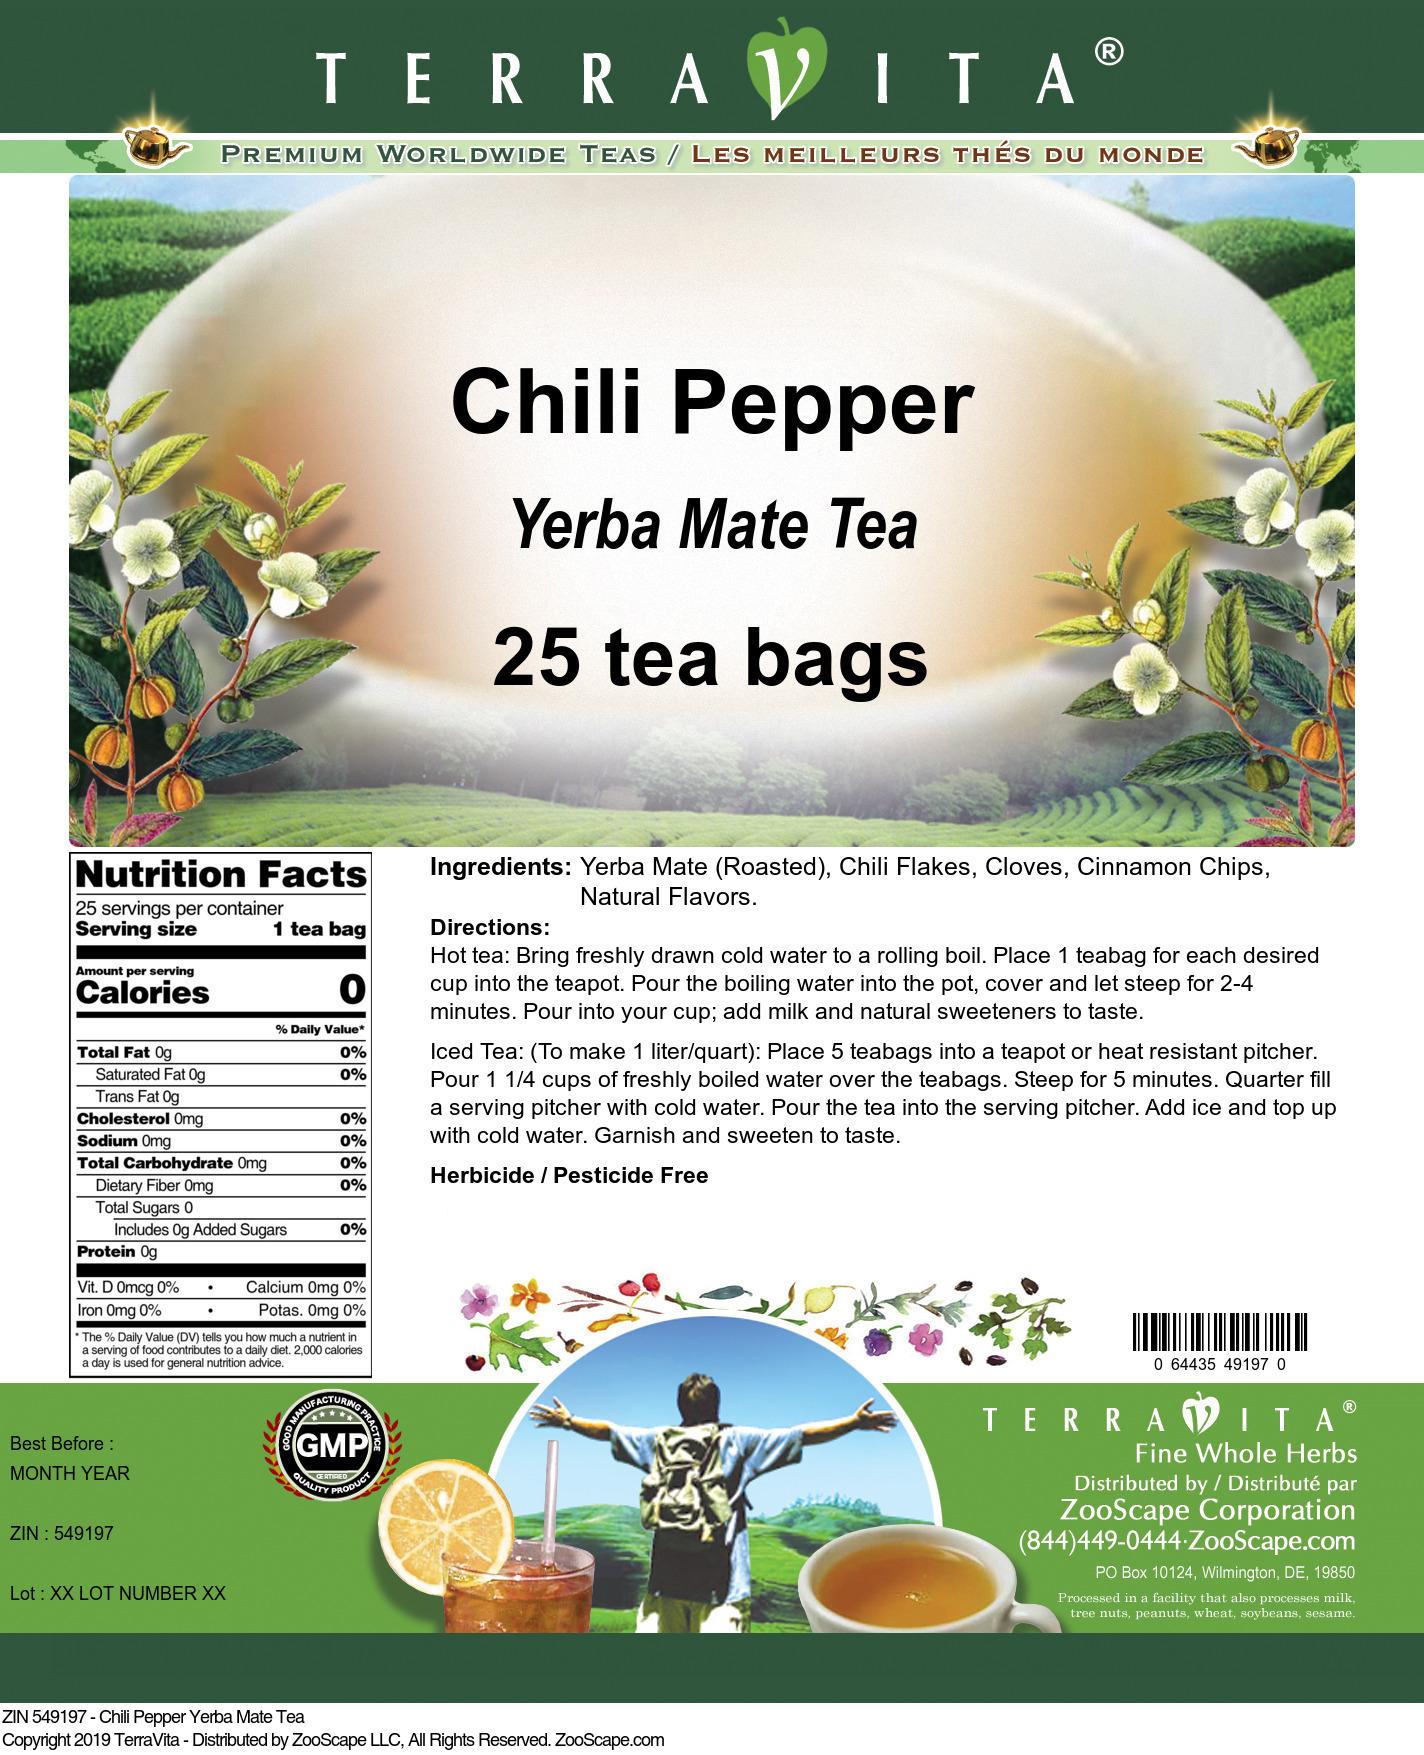 Chili Pepper Yerba Mate